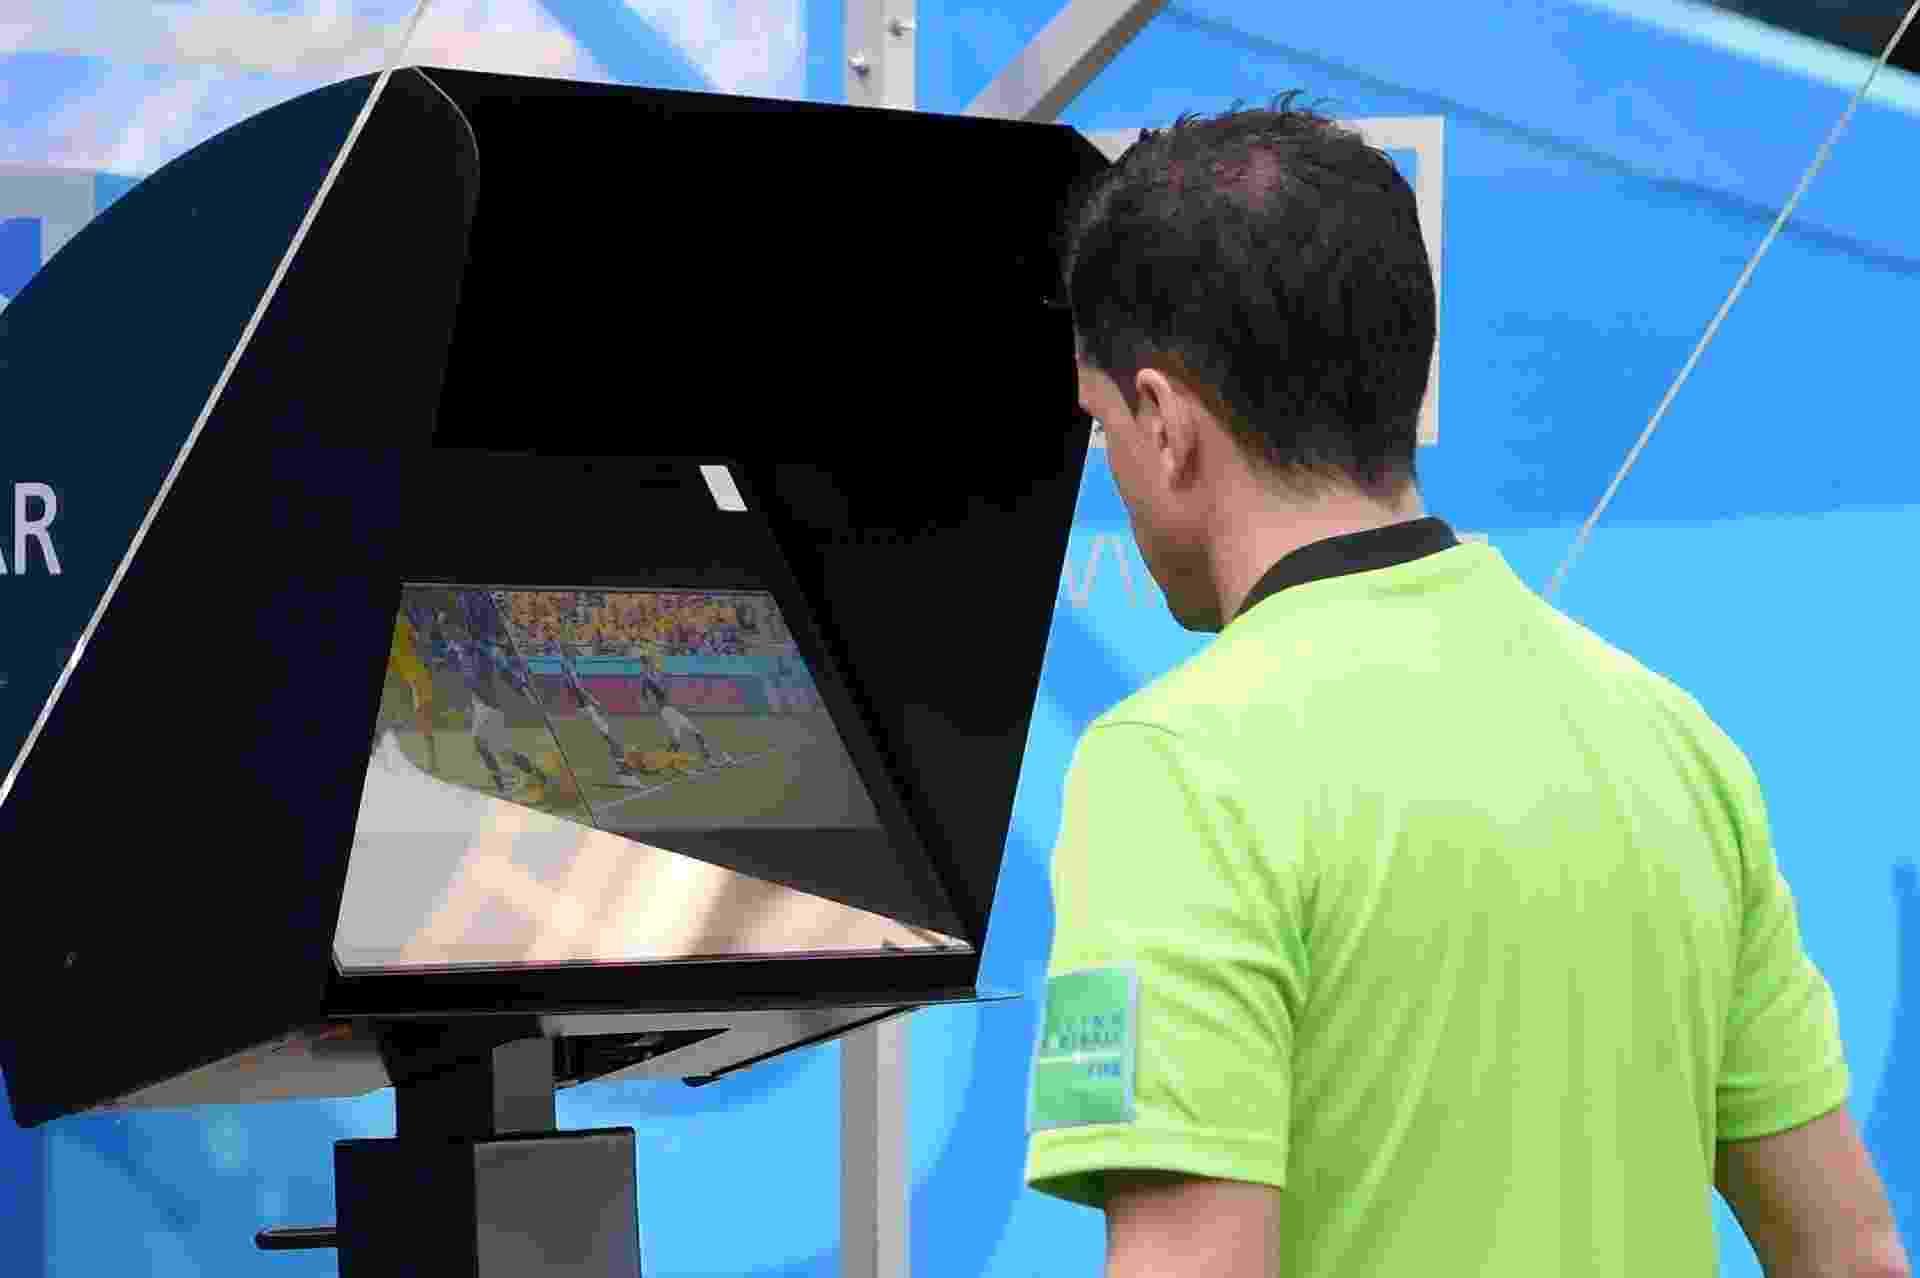 Árbitro Andres Cunha confere imagens da jogada. Ele não havia dado penalidade, mas mudou a decisão após consulta ao árbitro de vídeo. A França converteu a cobrança do pênalti - Michael Regan - FIFA/FIFA via Getty Images